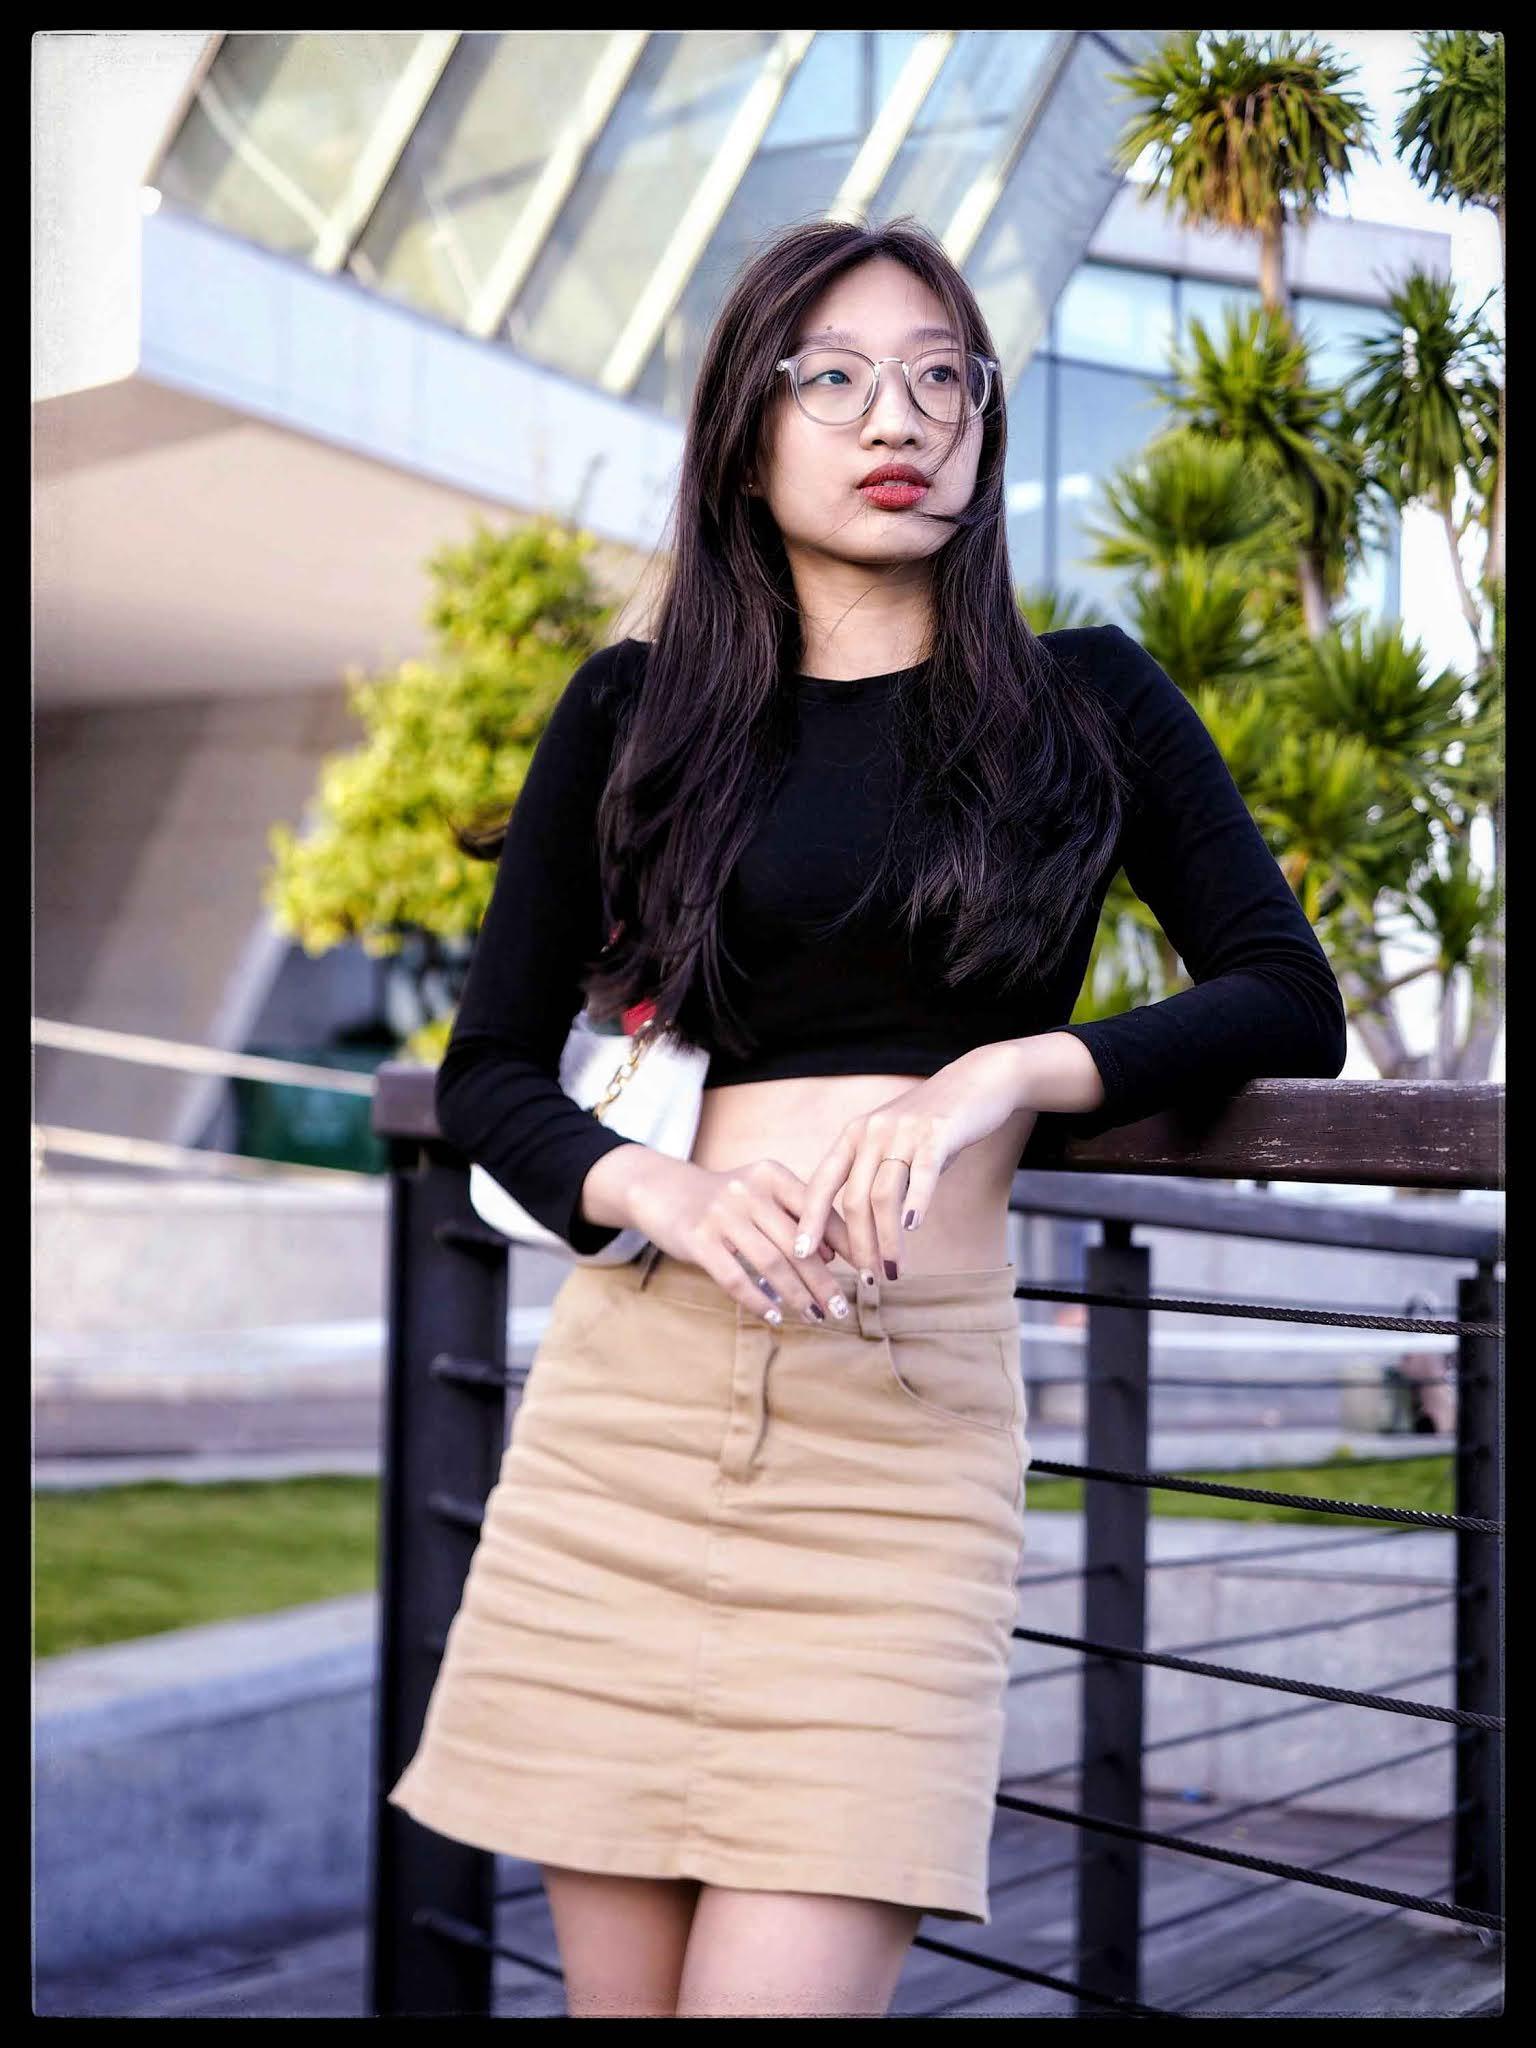 Báo giá chụp ảnh học sinh, sinh viên Đà Nẵng, Quảng Nam